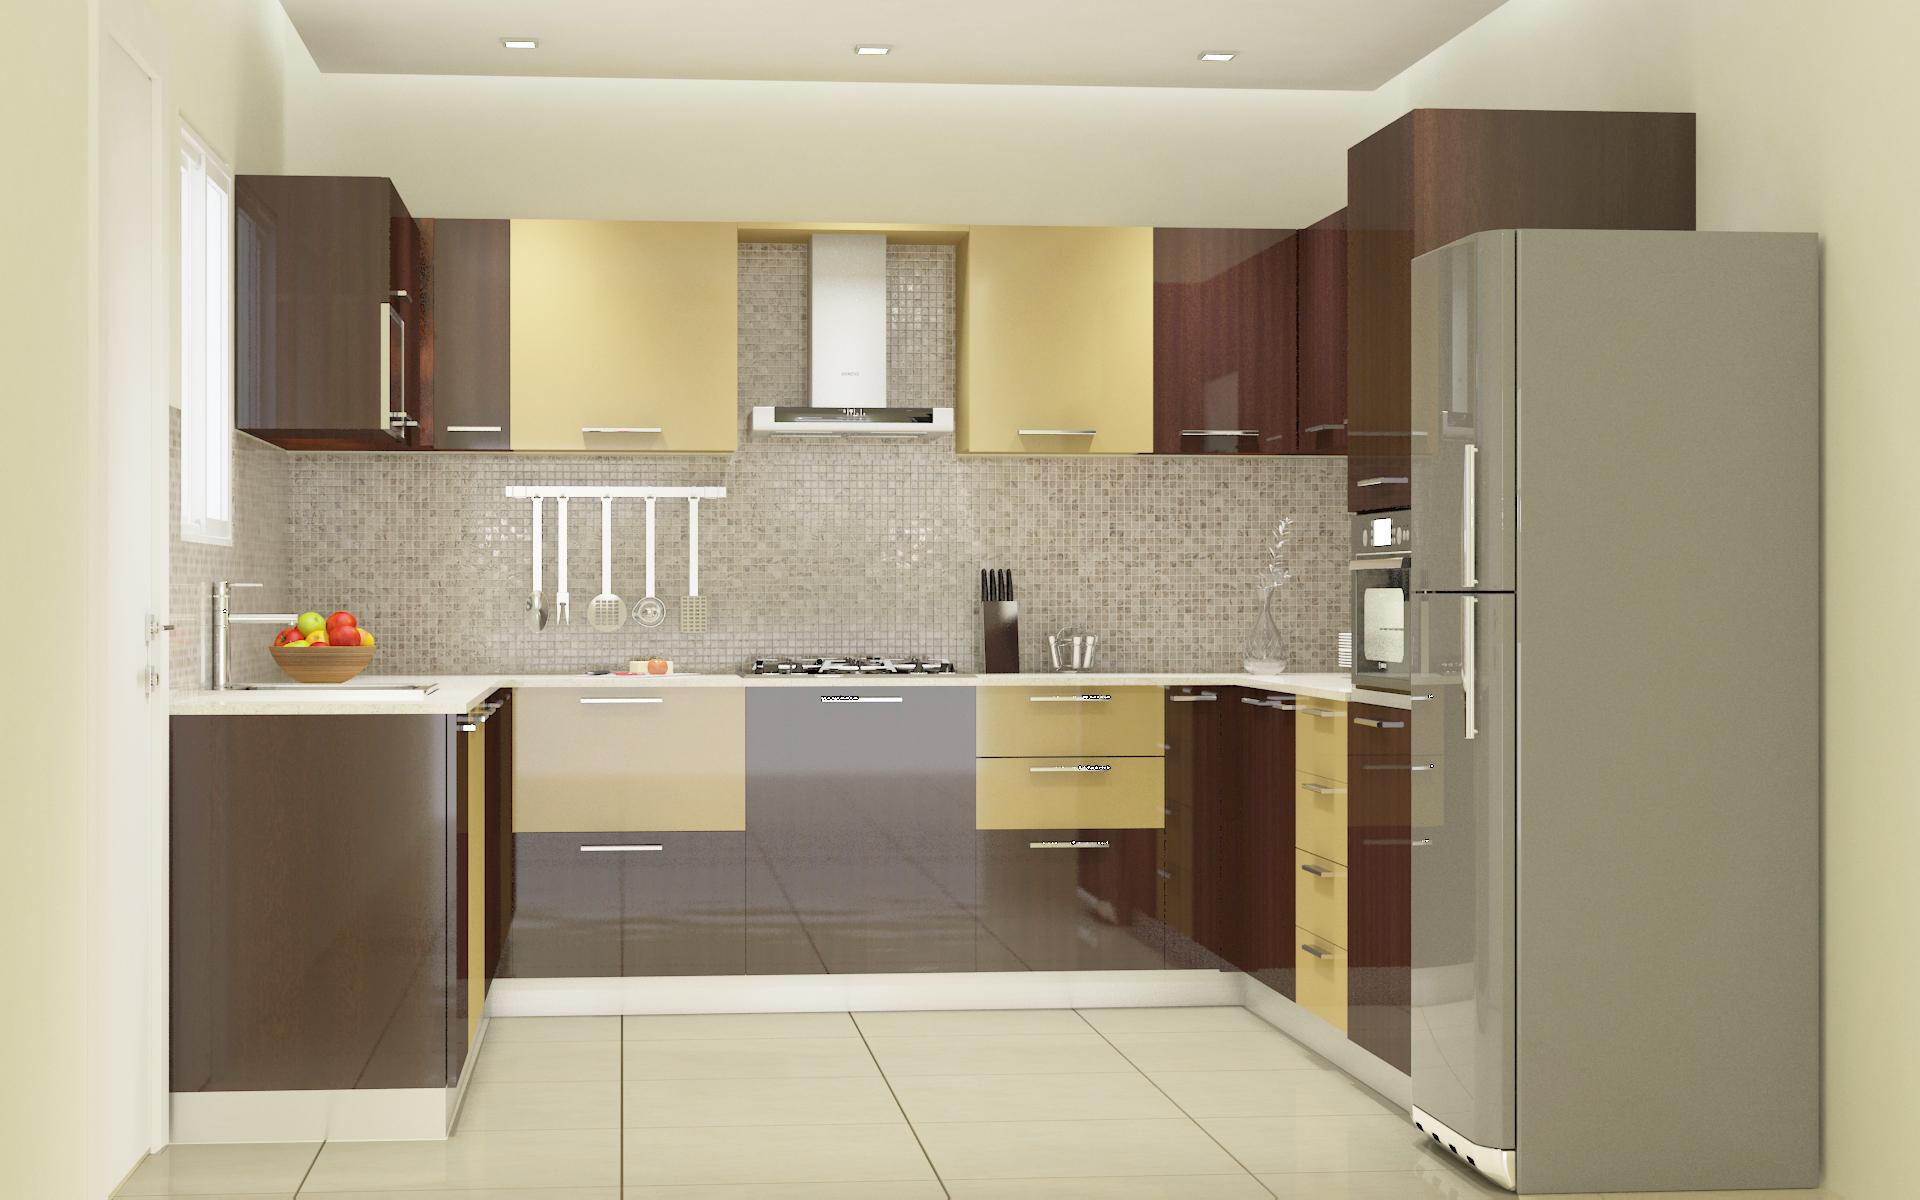 Best modular kitchen designs in bangalore customised - L shaped modular kitchen designs catalogue ...